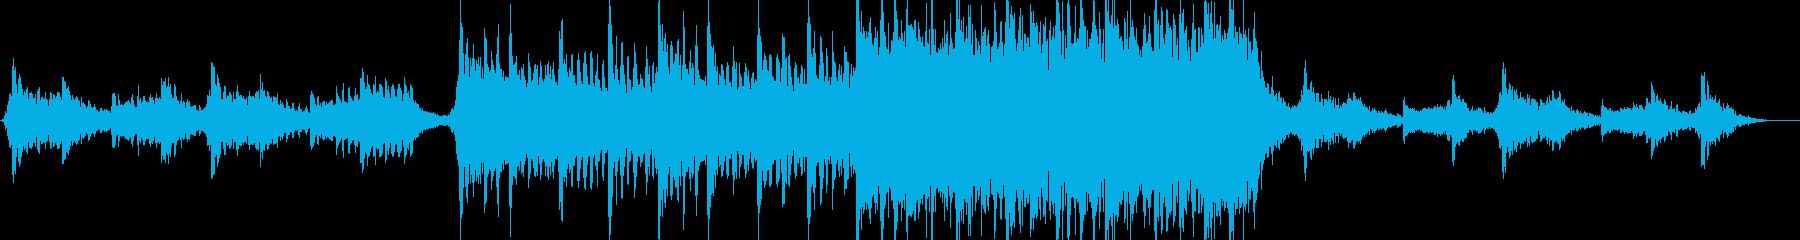 現代の交響曲 広い 壮大 神経質 ...の再生済みの波形